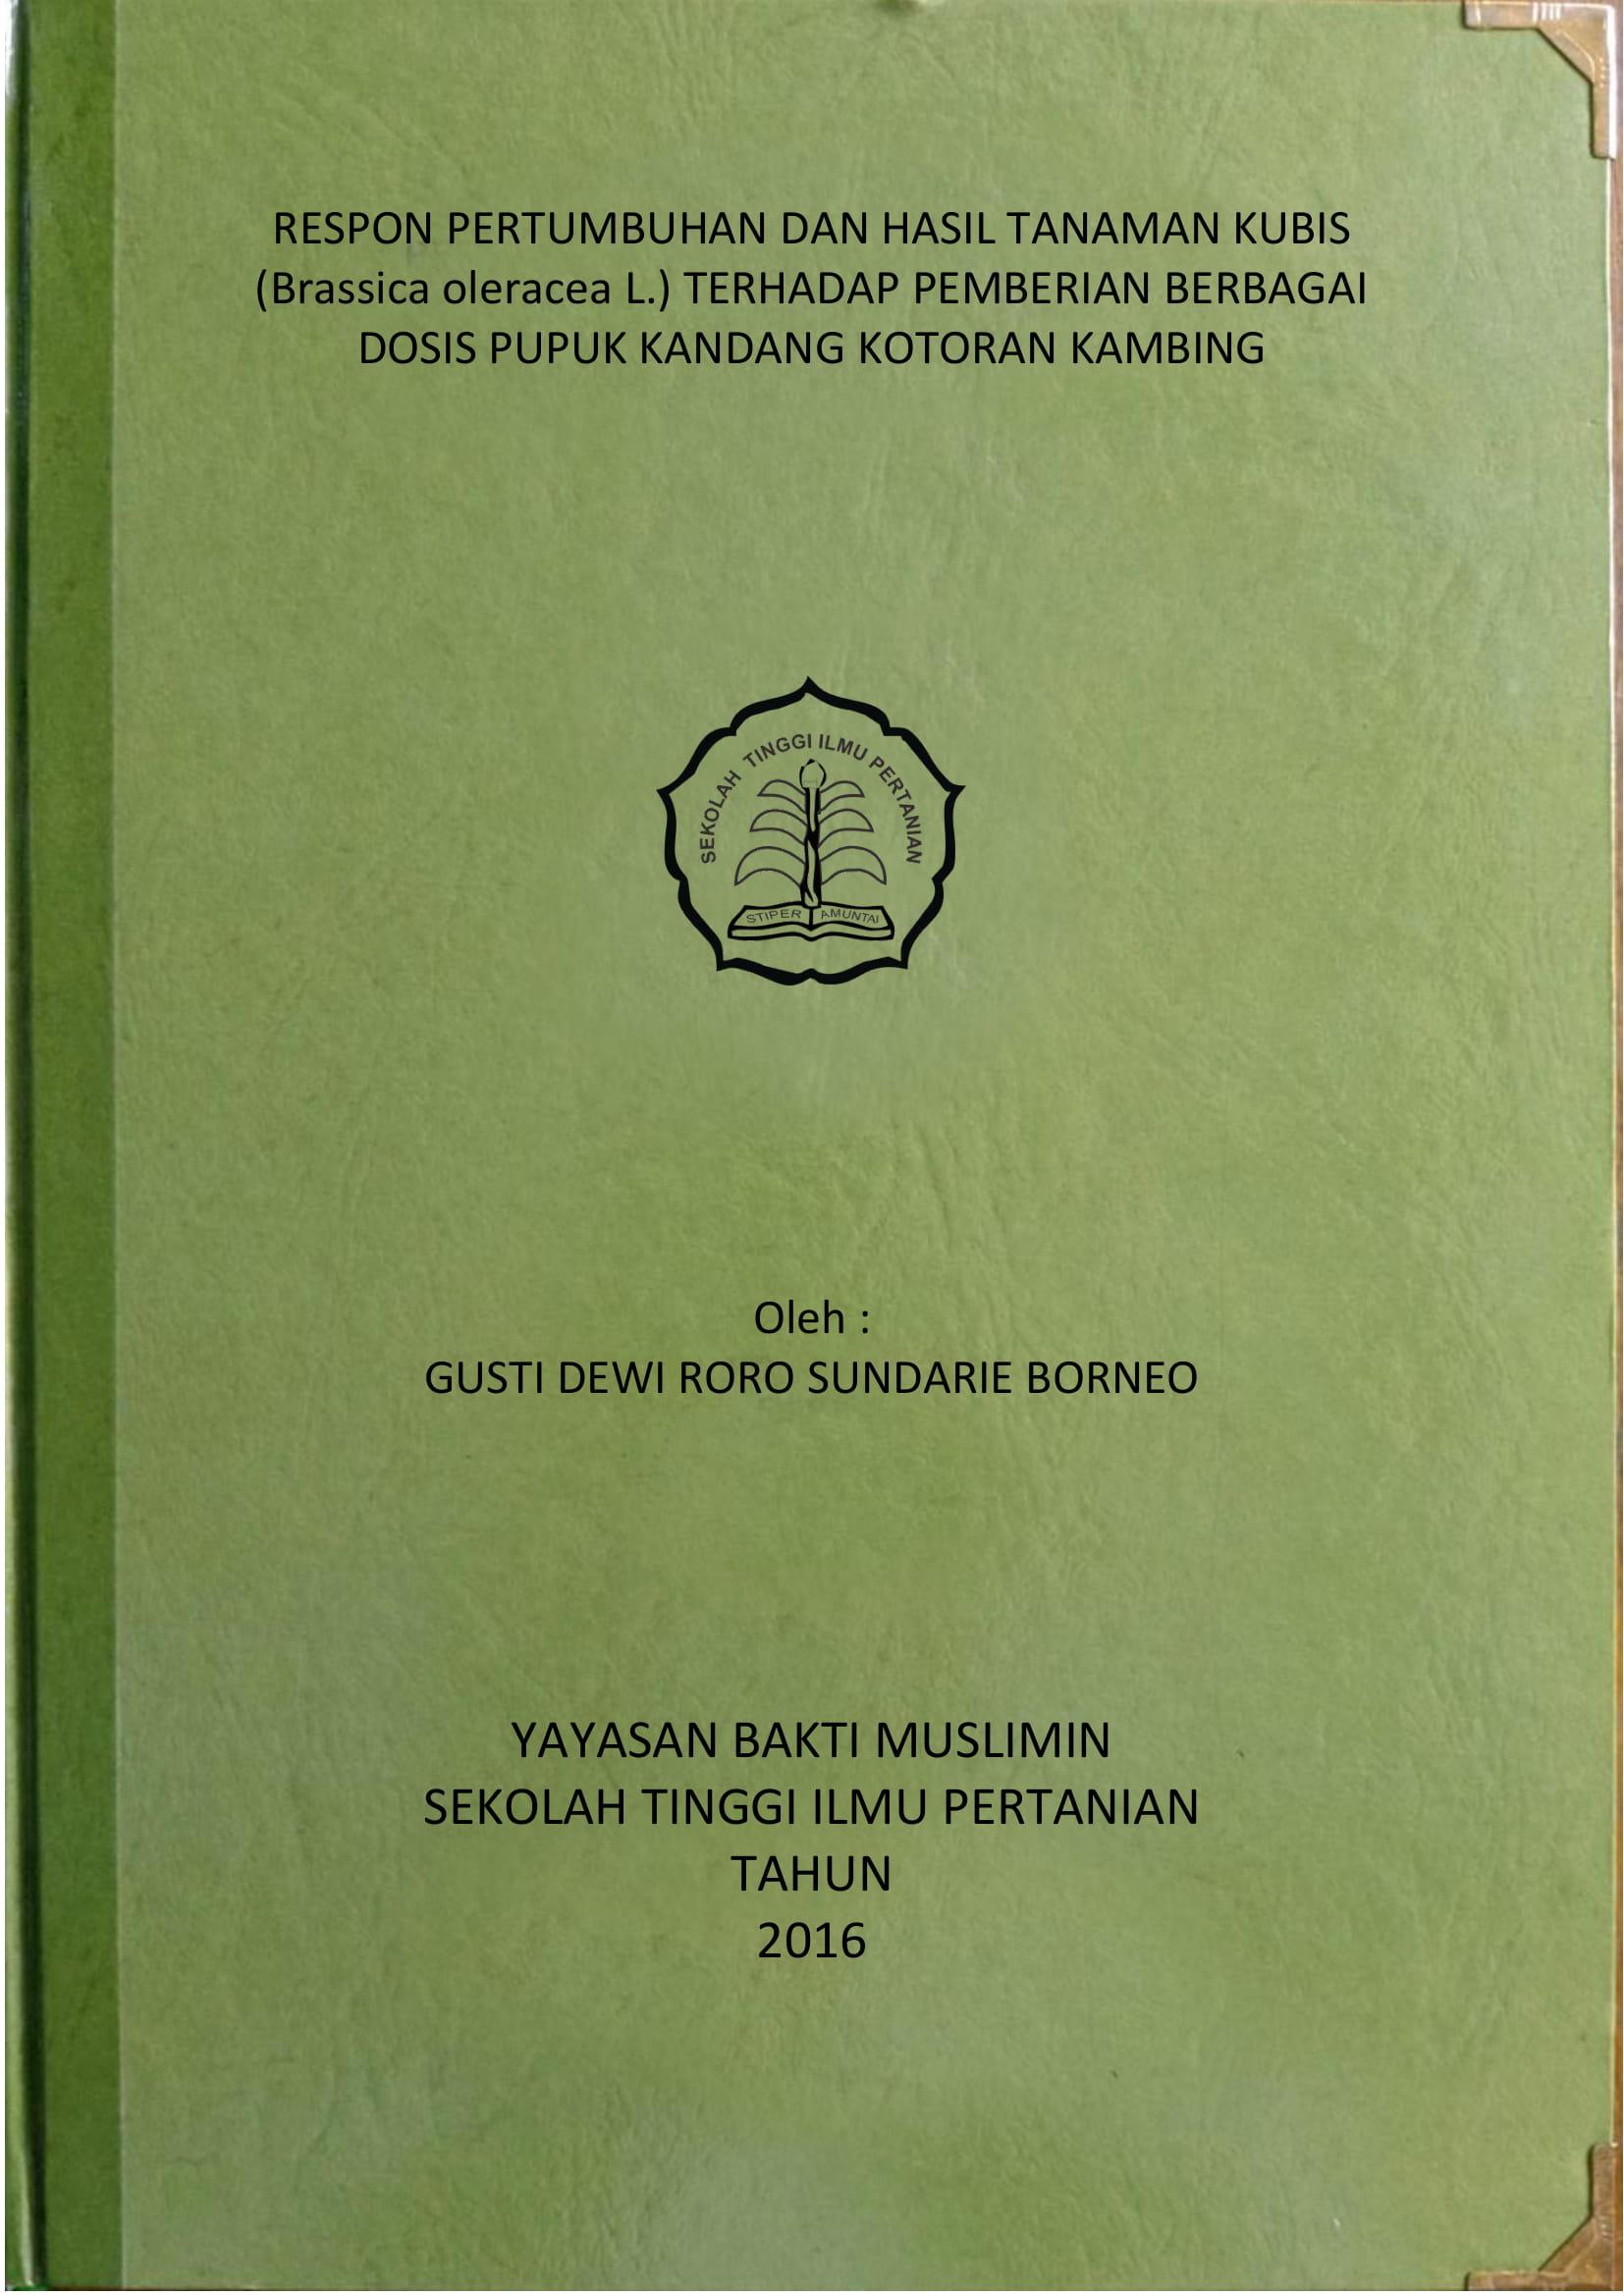 poto-01-64